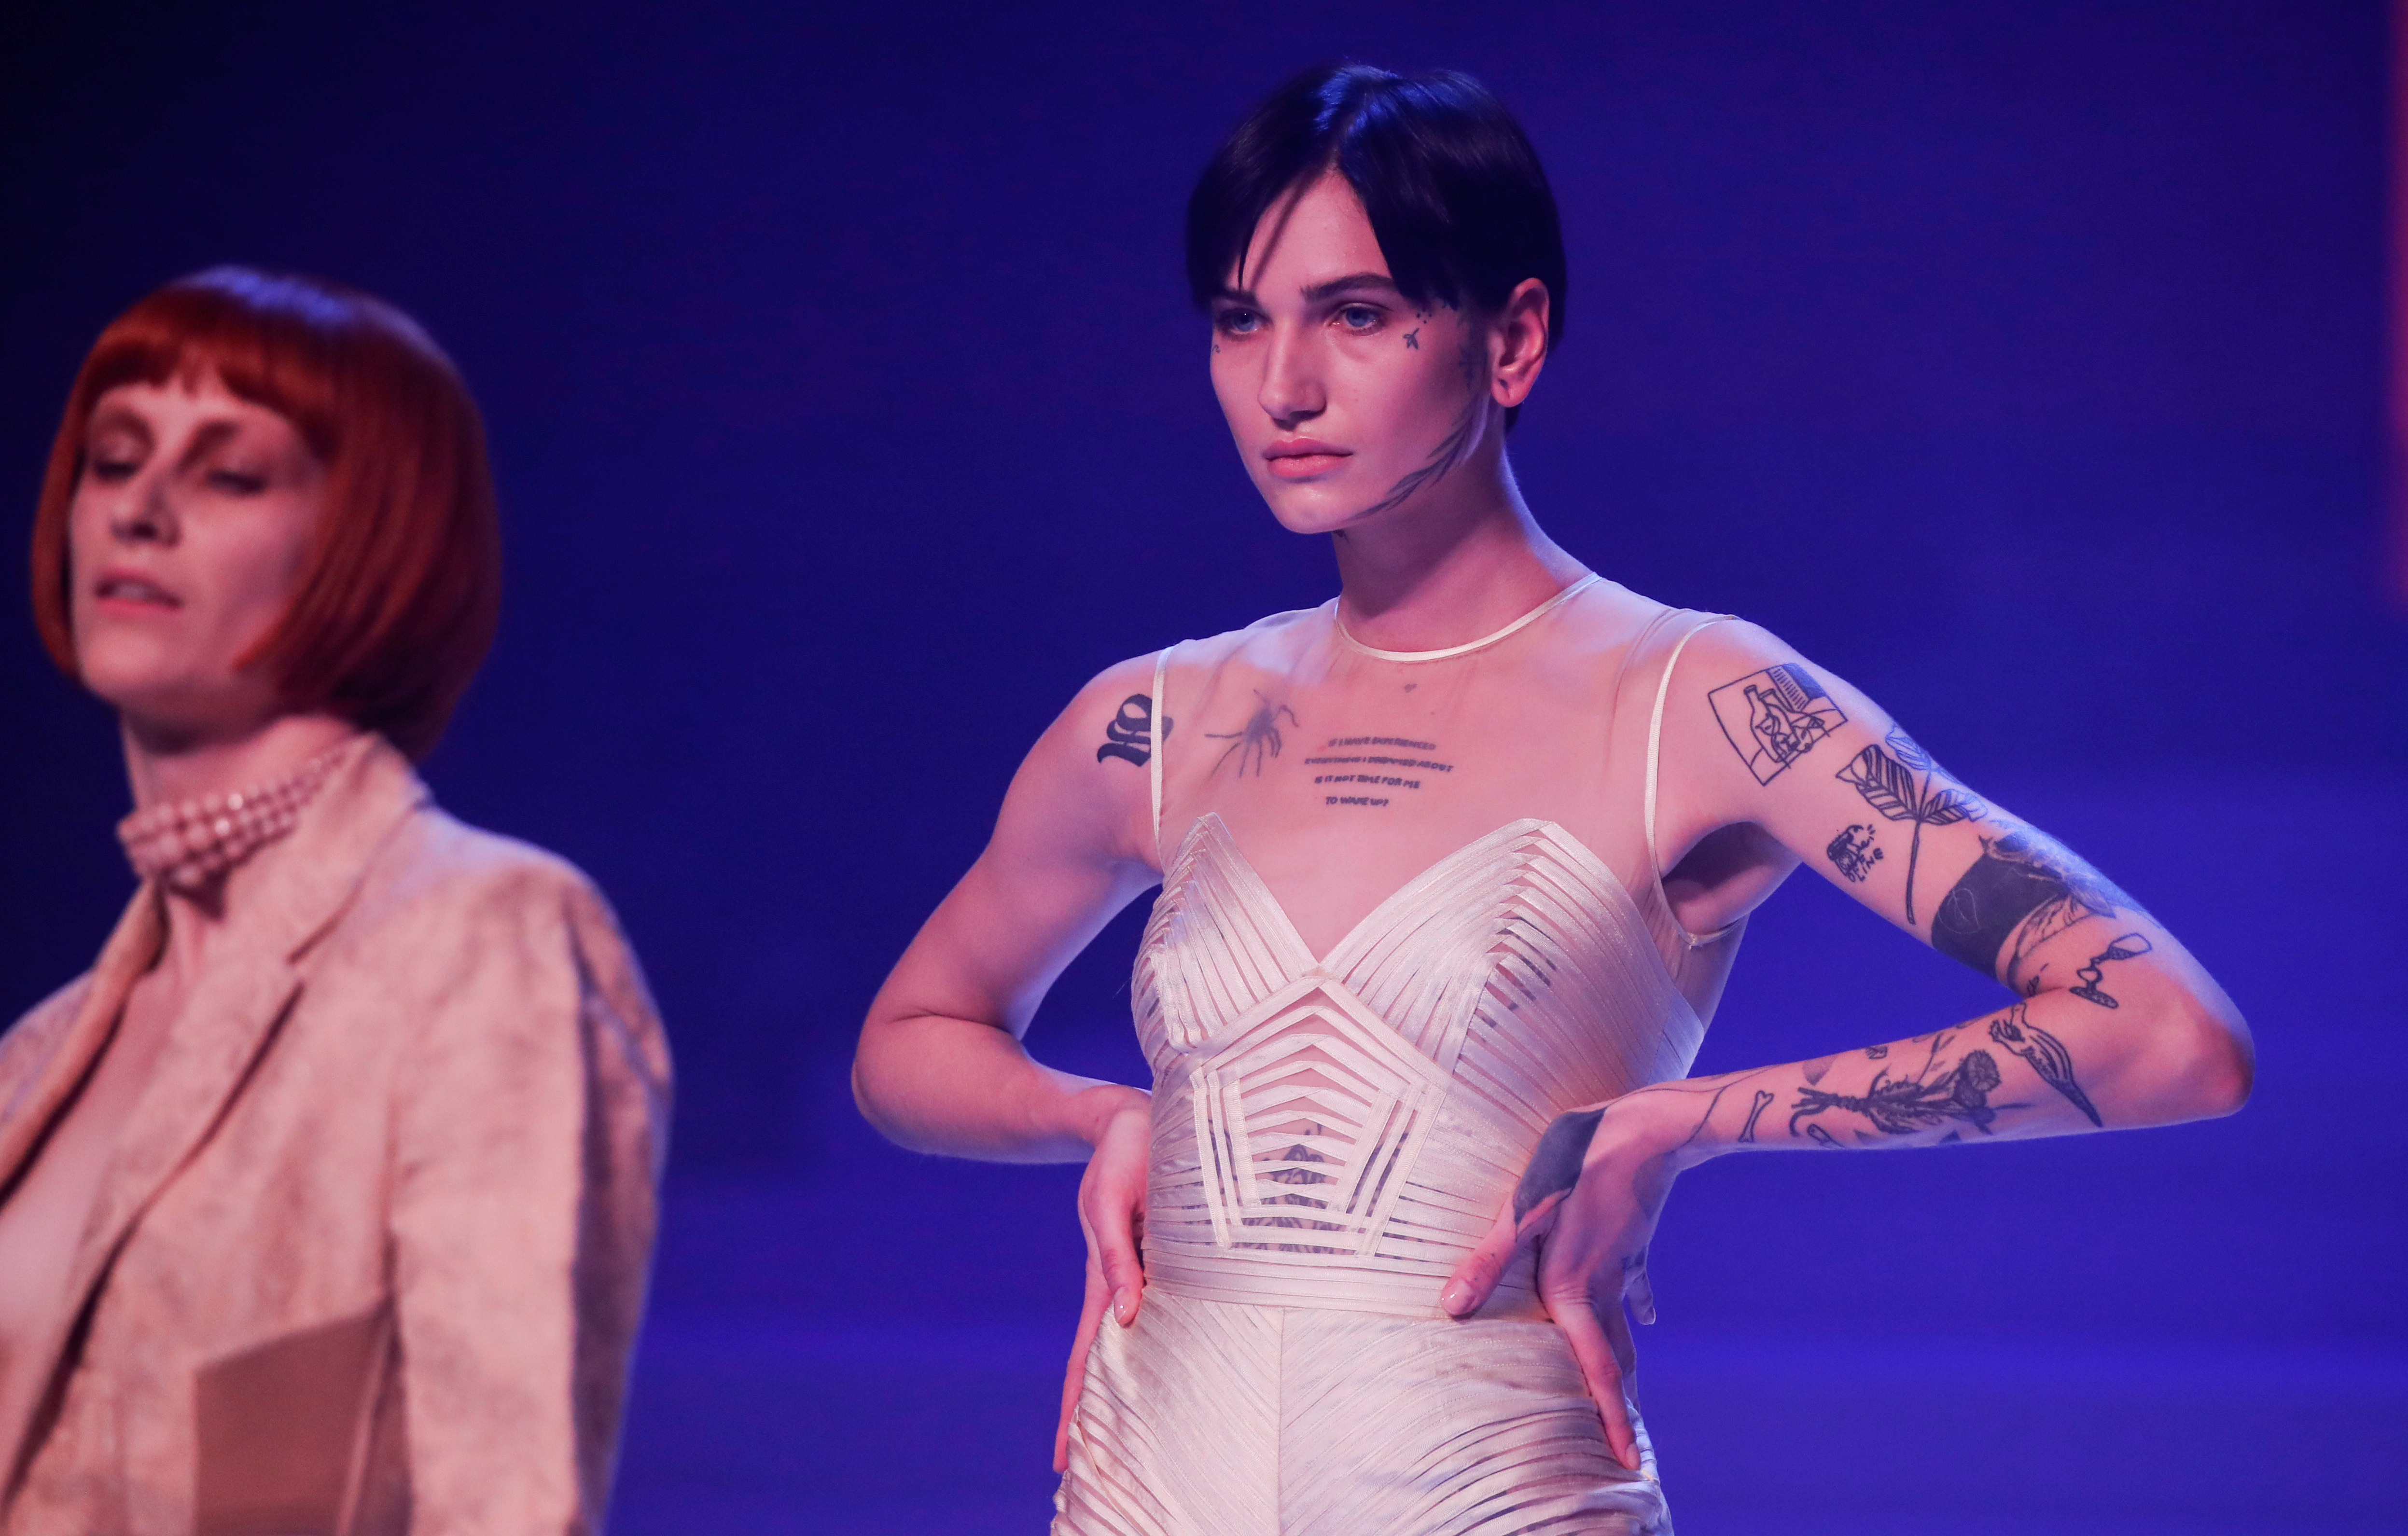 La corsetería, uno de los íconos del diseño de Jean Paul Gaultier a través de los 50 años de la moda